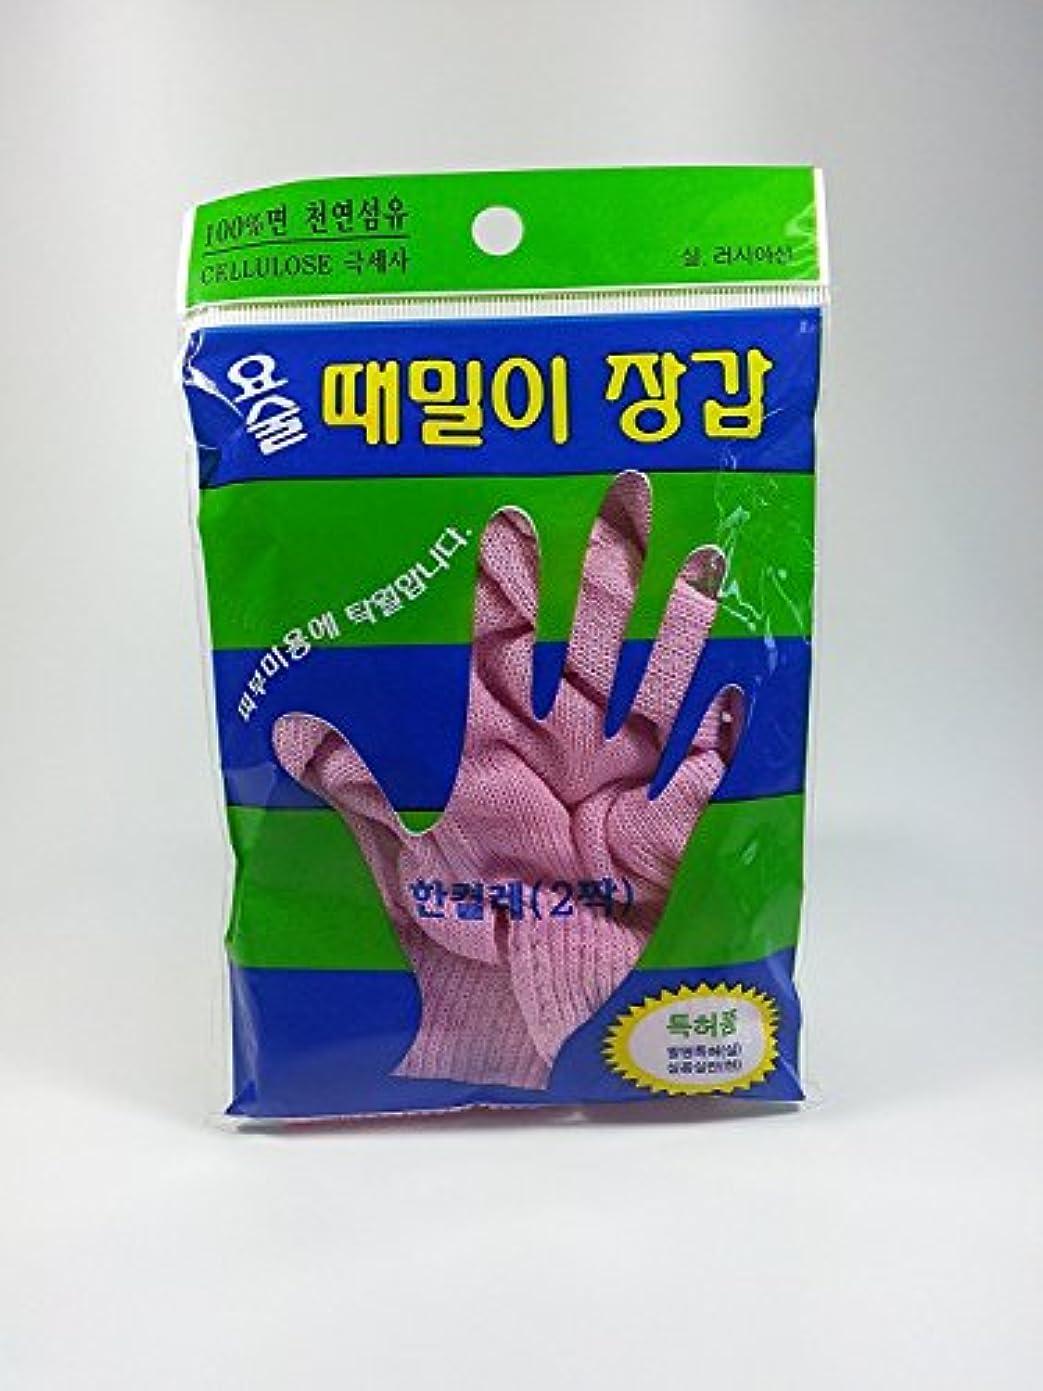 適度な許可宮殿ジョンジュン産業 韓国式 垢すり 手袋 バスグローブ 5本指 ボディスクラブ 100% 天然セルロース繊維製 ???? ??????? Magic Korean Body Back Scrub [並行輸入品]